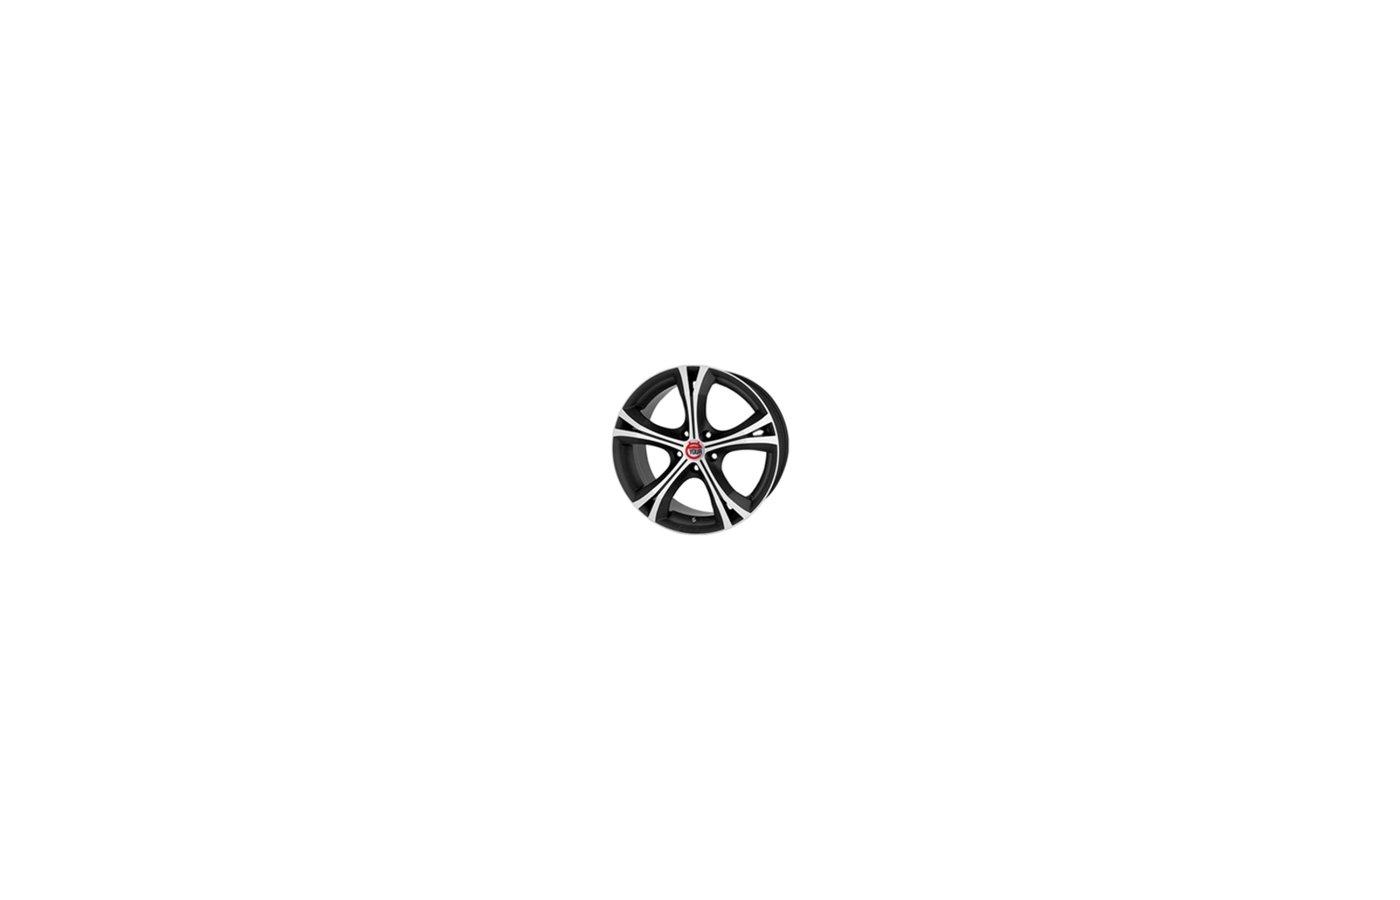 Диск Ё-wheels E11 6x15/4x114.3 D66.1 ET40 MBF